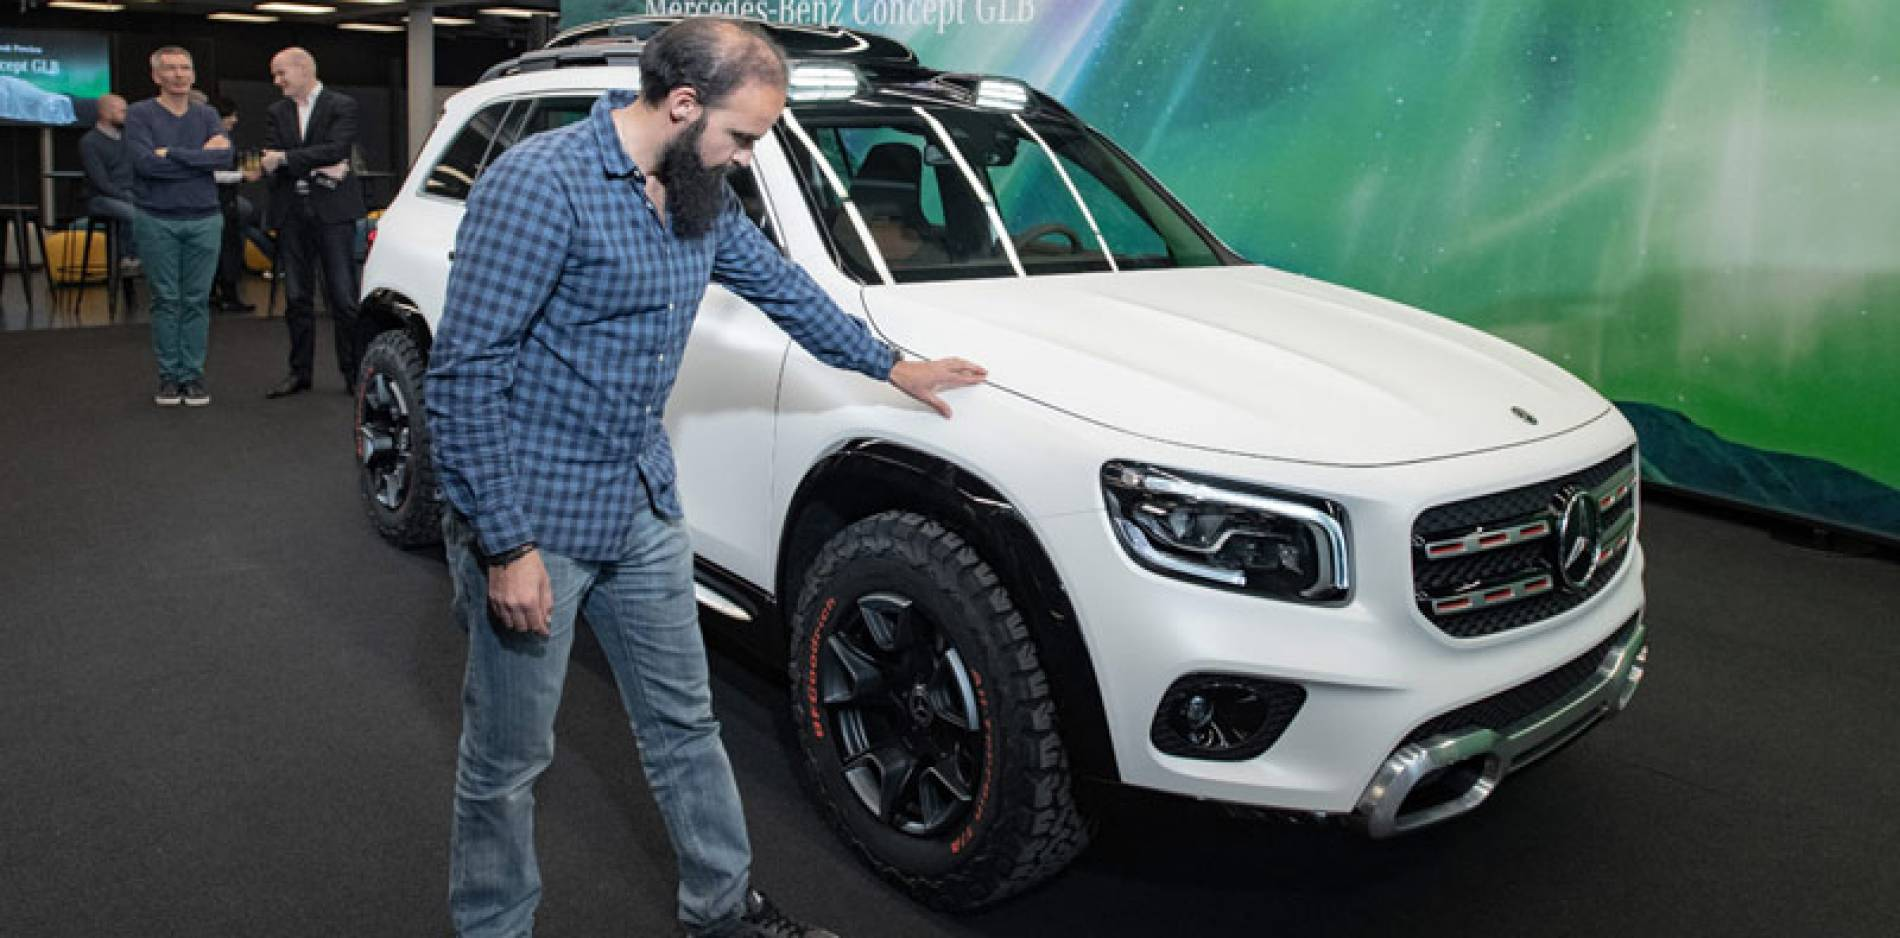 El Mercedes-Benz Concept GLB, el 'baby G' ya está en camino